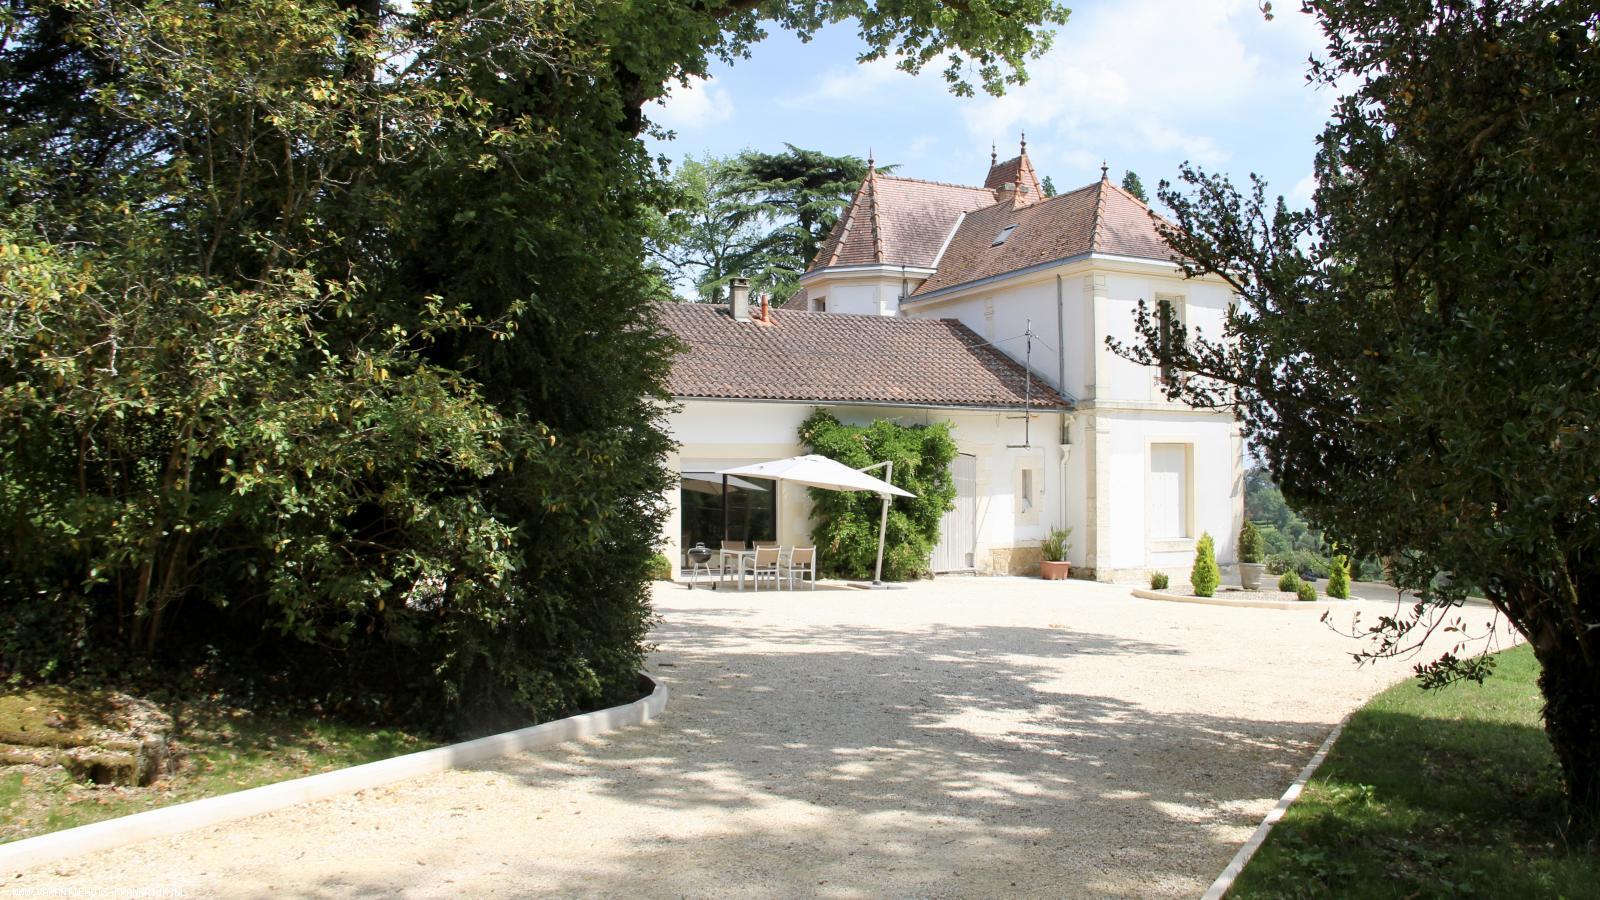 Vakantiehuis: rustig gelegen op heuvelachtig terrein met prachtig uitzicht over Bergerac en omgeving te huur voor uw vakantie in Dordogne (Frankrijk)